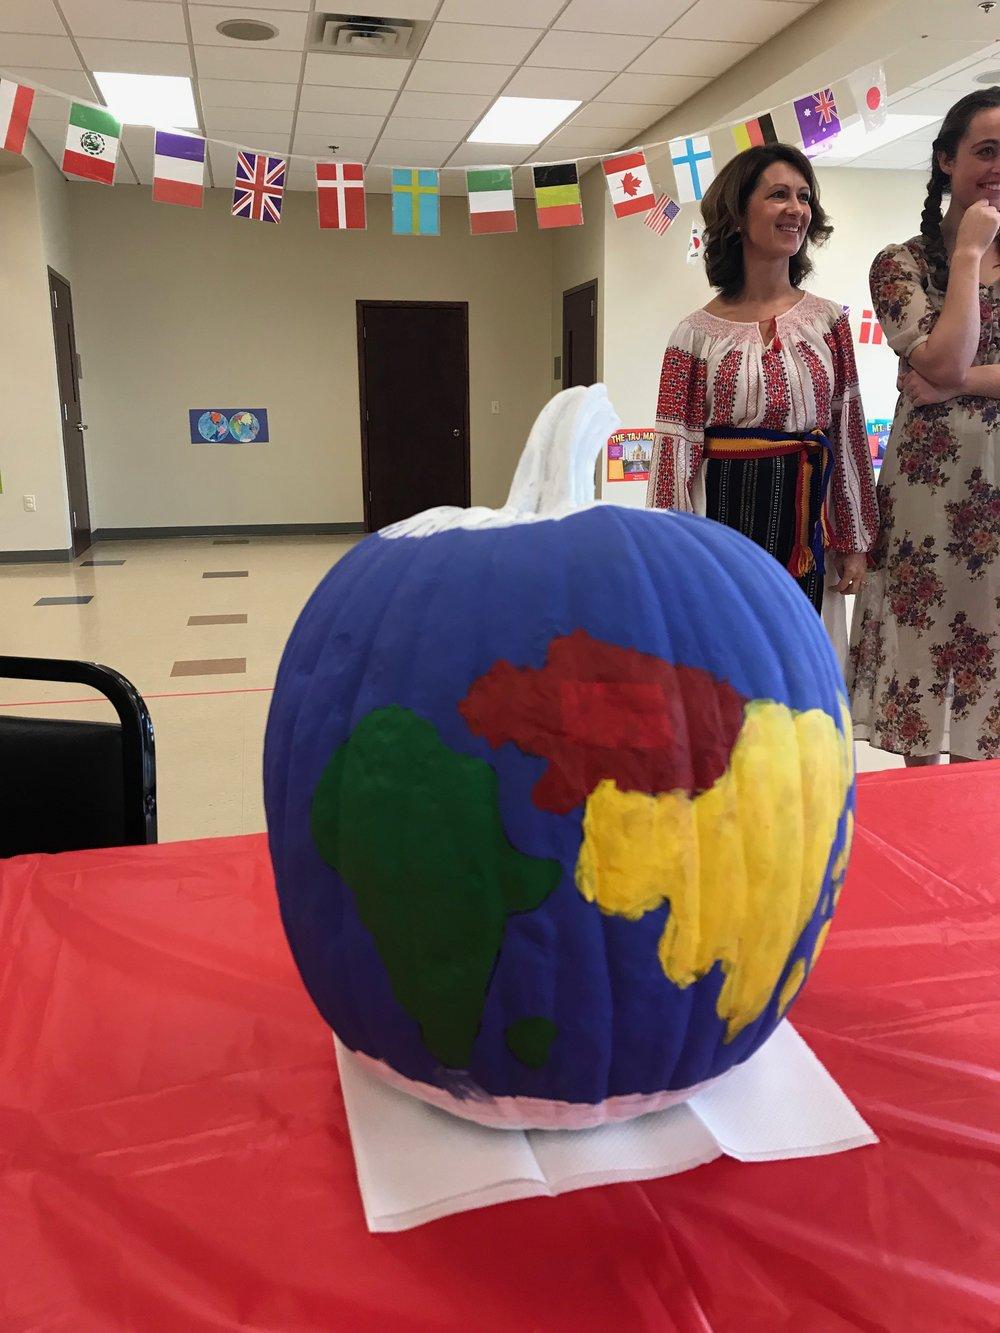 Our pumpkin globe